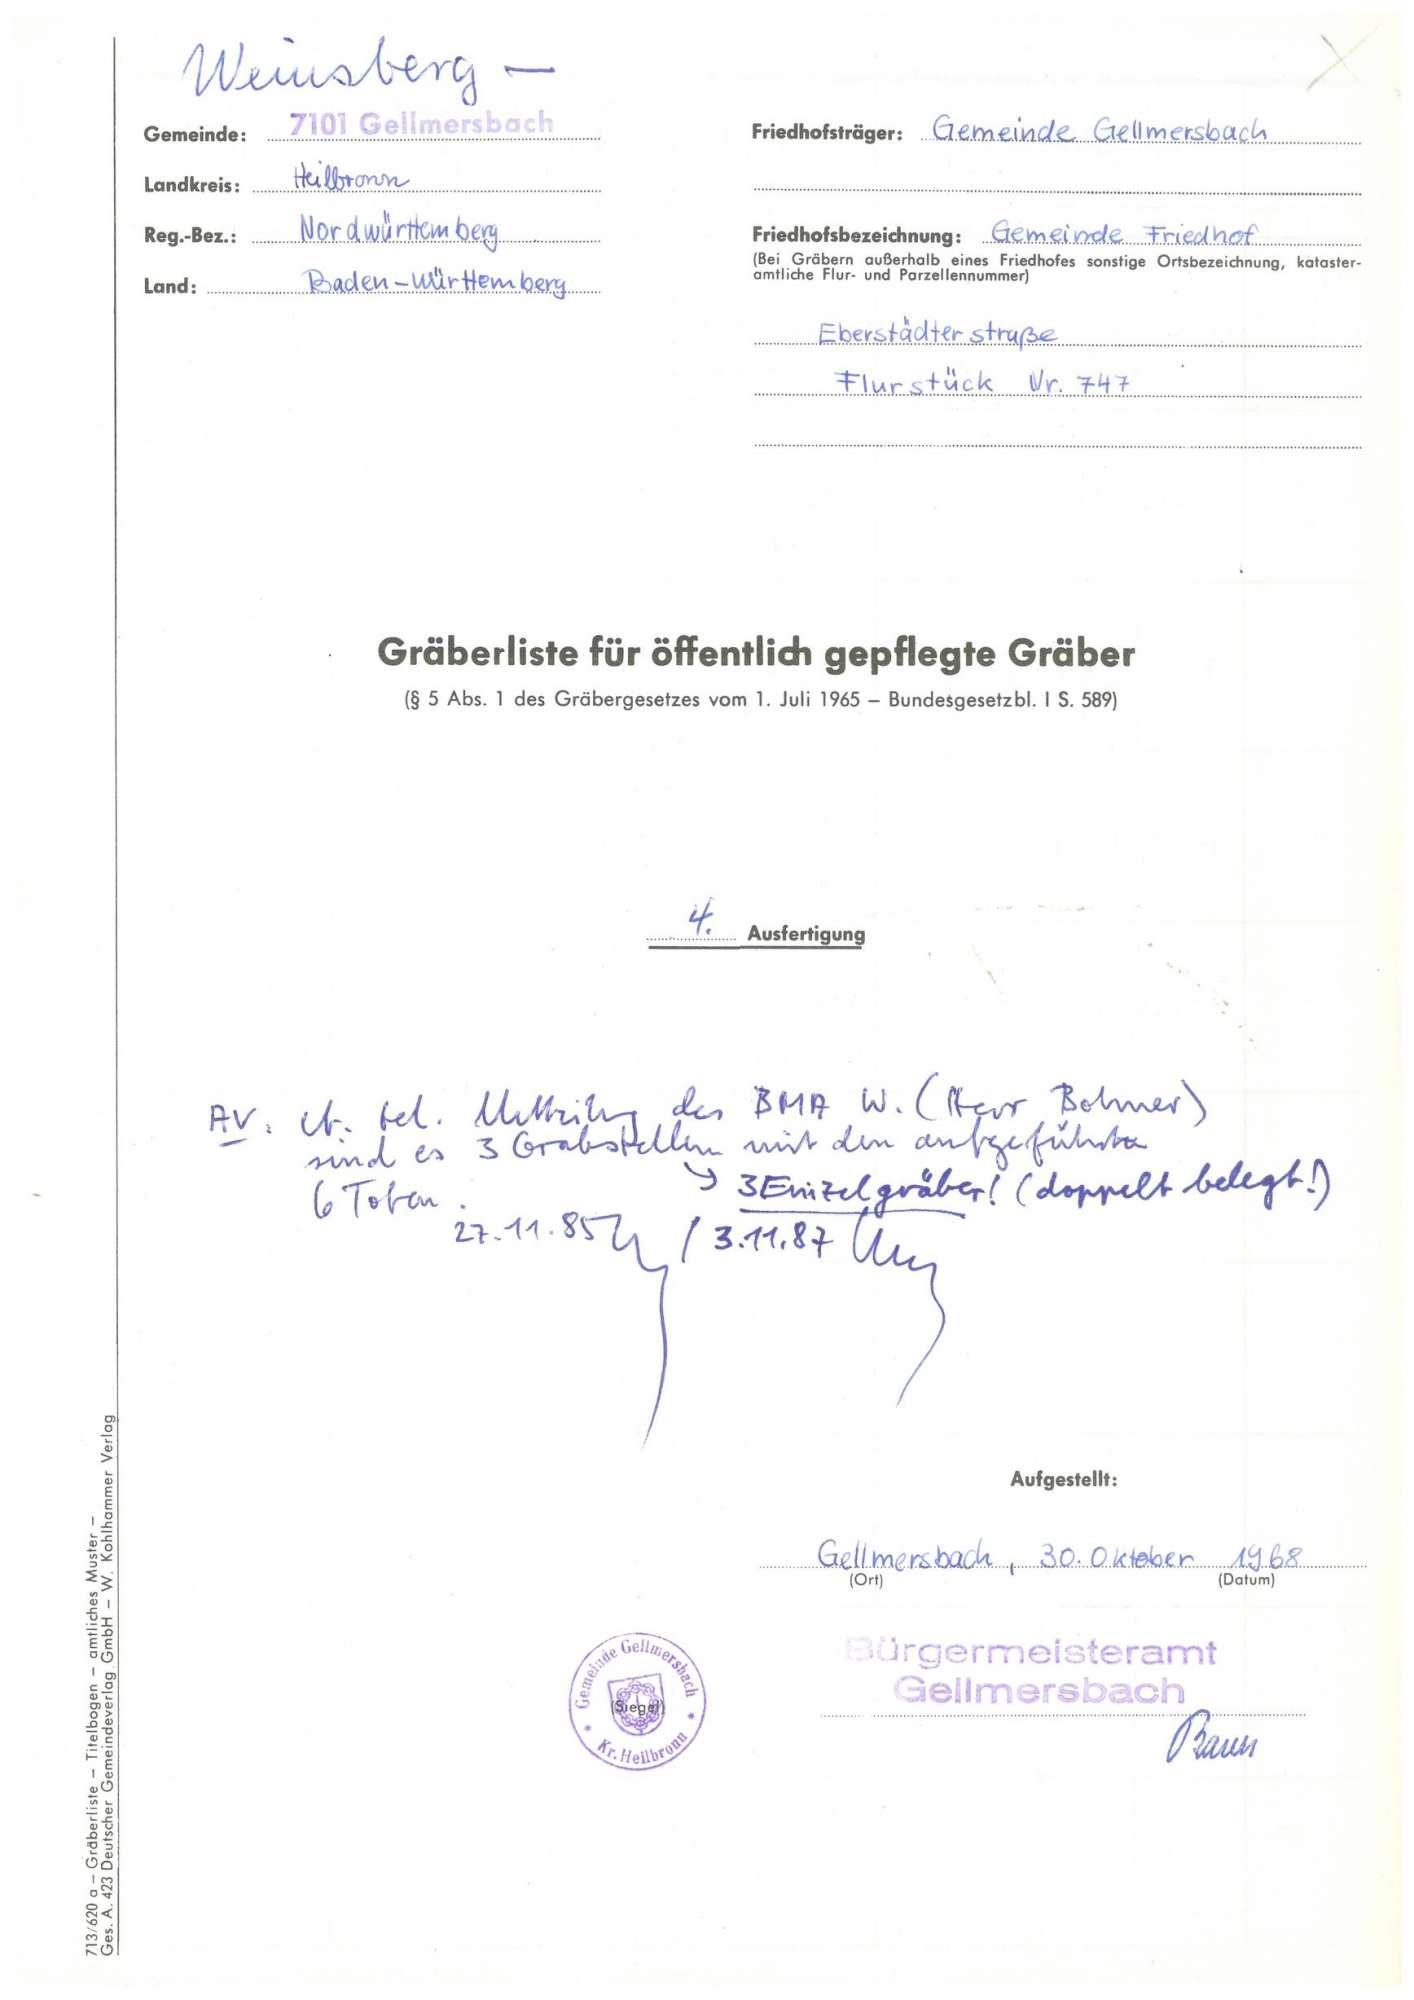 Gellmersbach, Bild 1